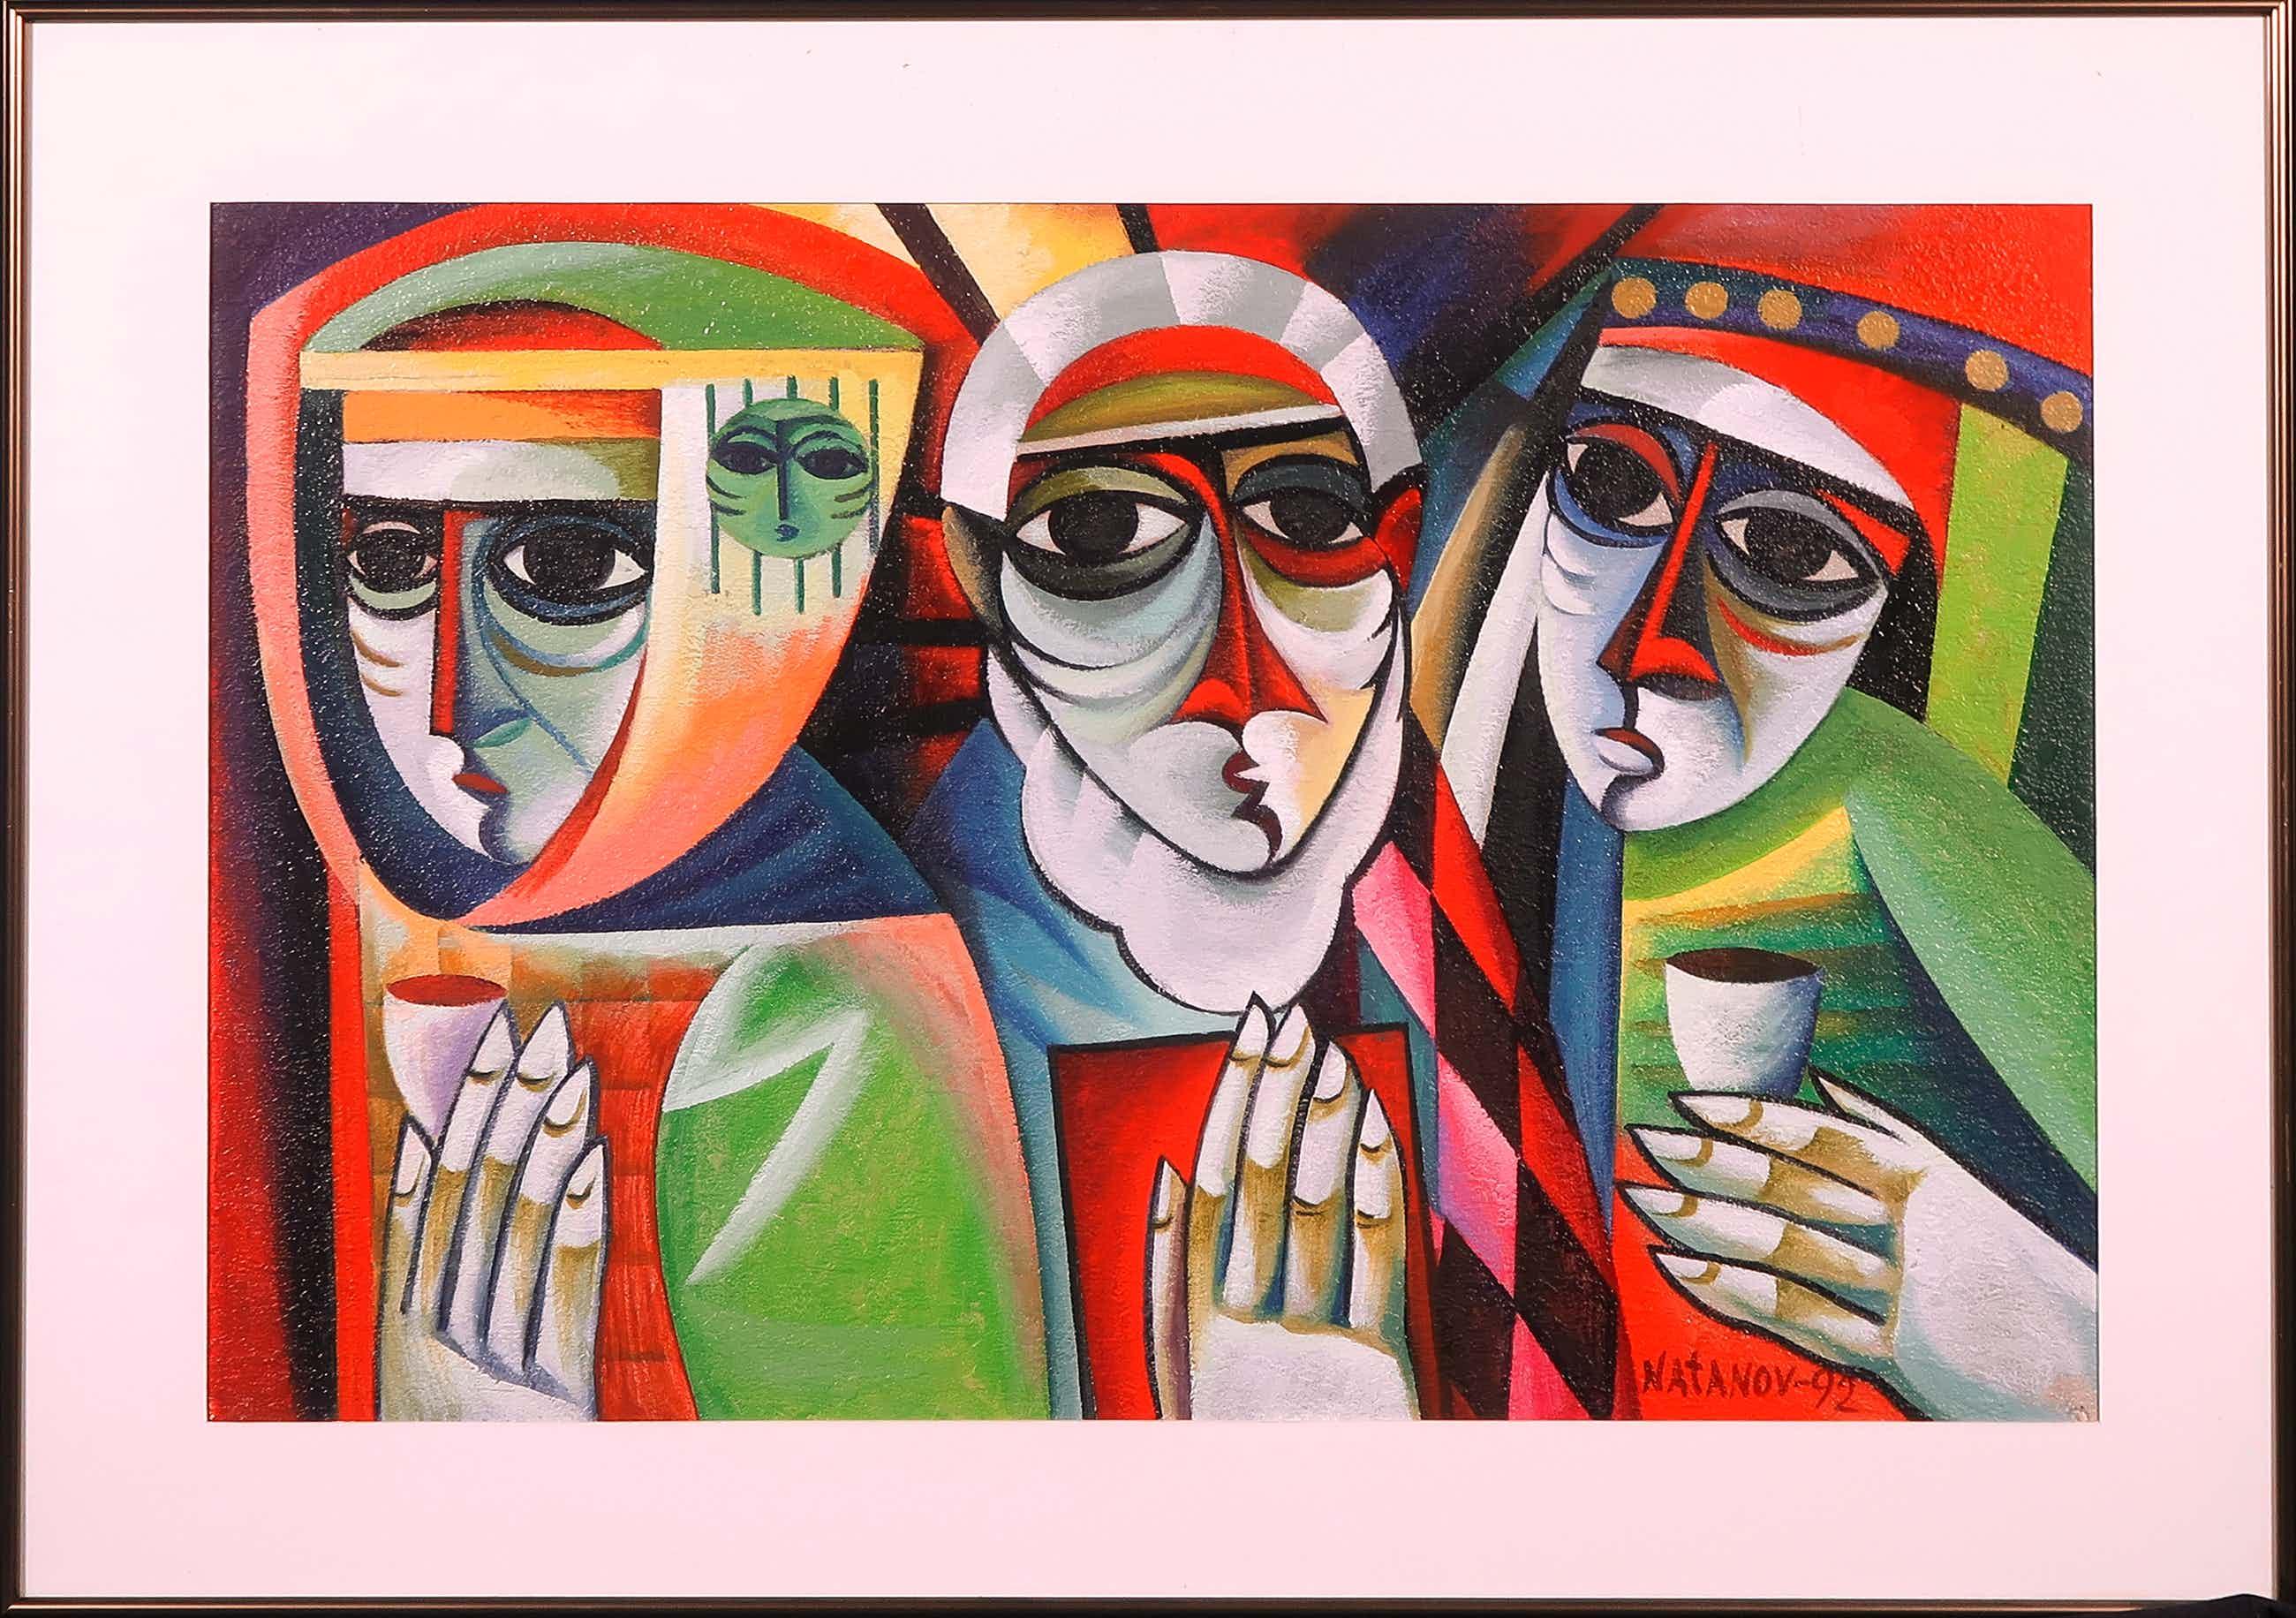 Arkadi Natanov - Acryl op papier, Drie figuren - Ingelijst kopen? Bied vanaf 220!